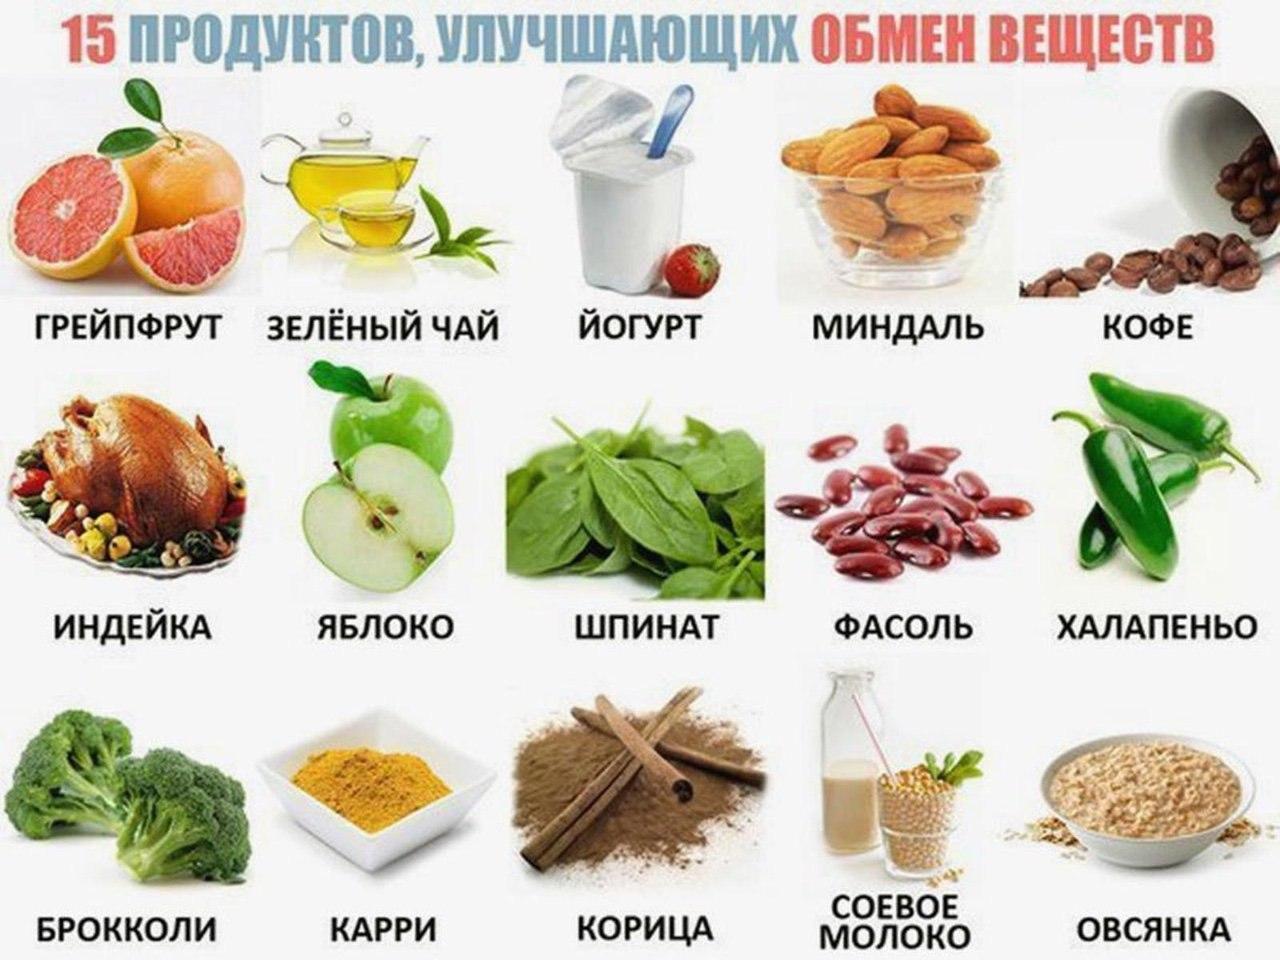 15 продуктов, которые ускоряют метаболизм